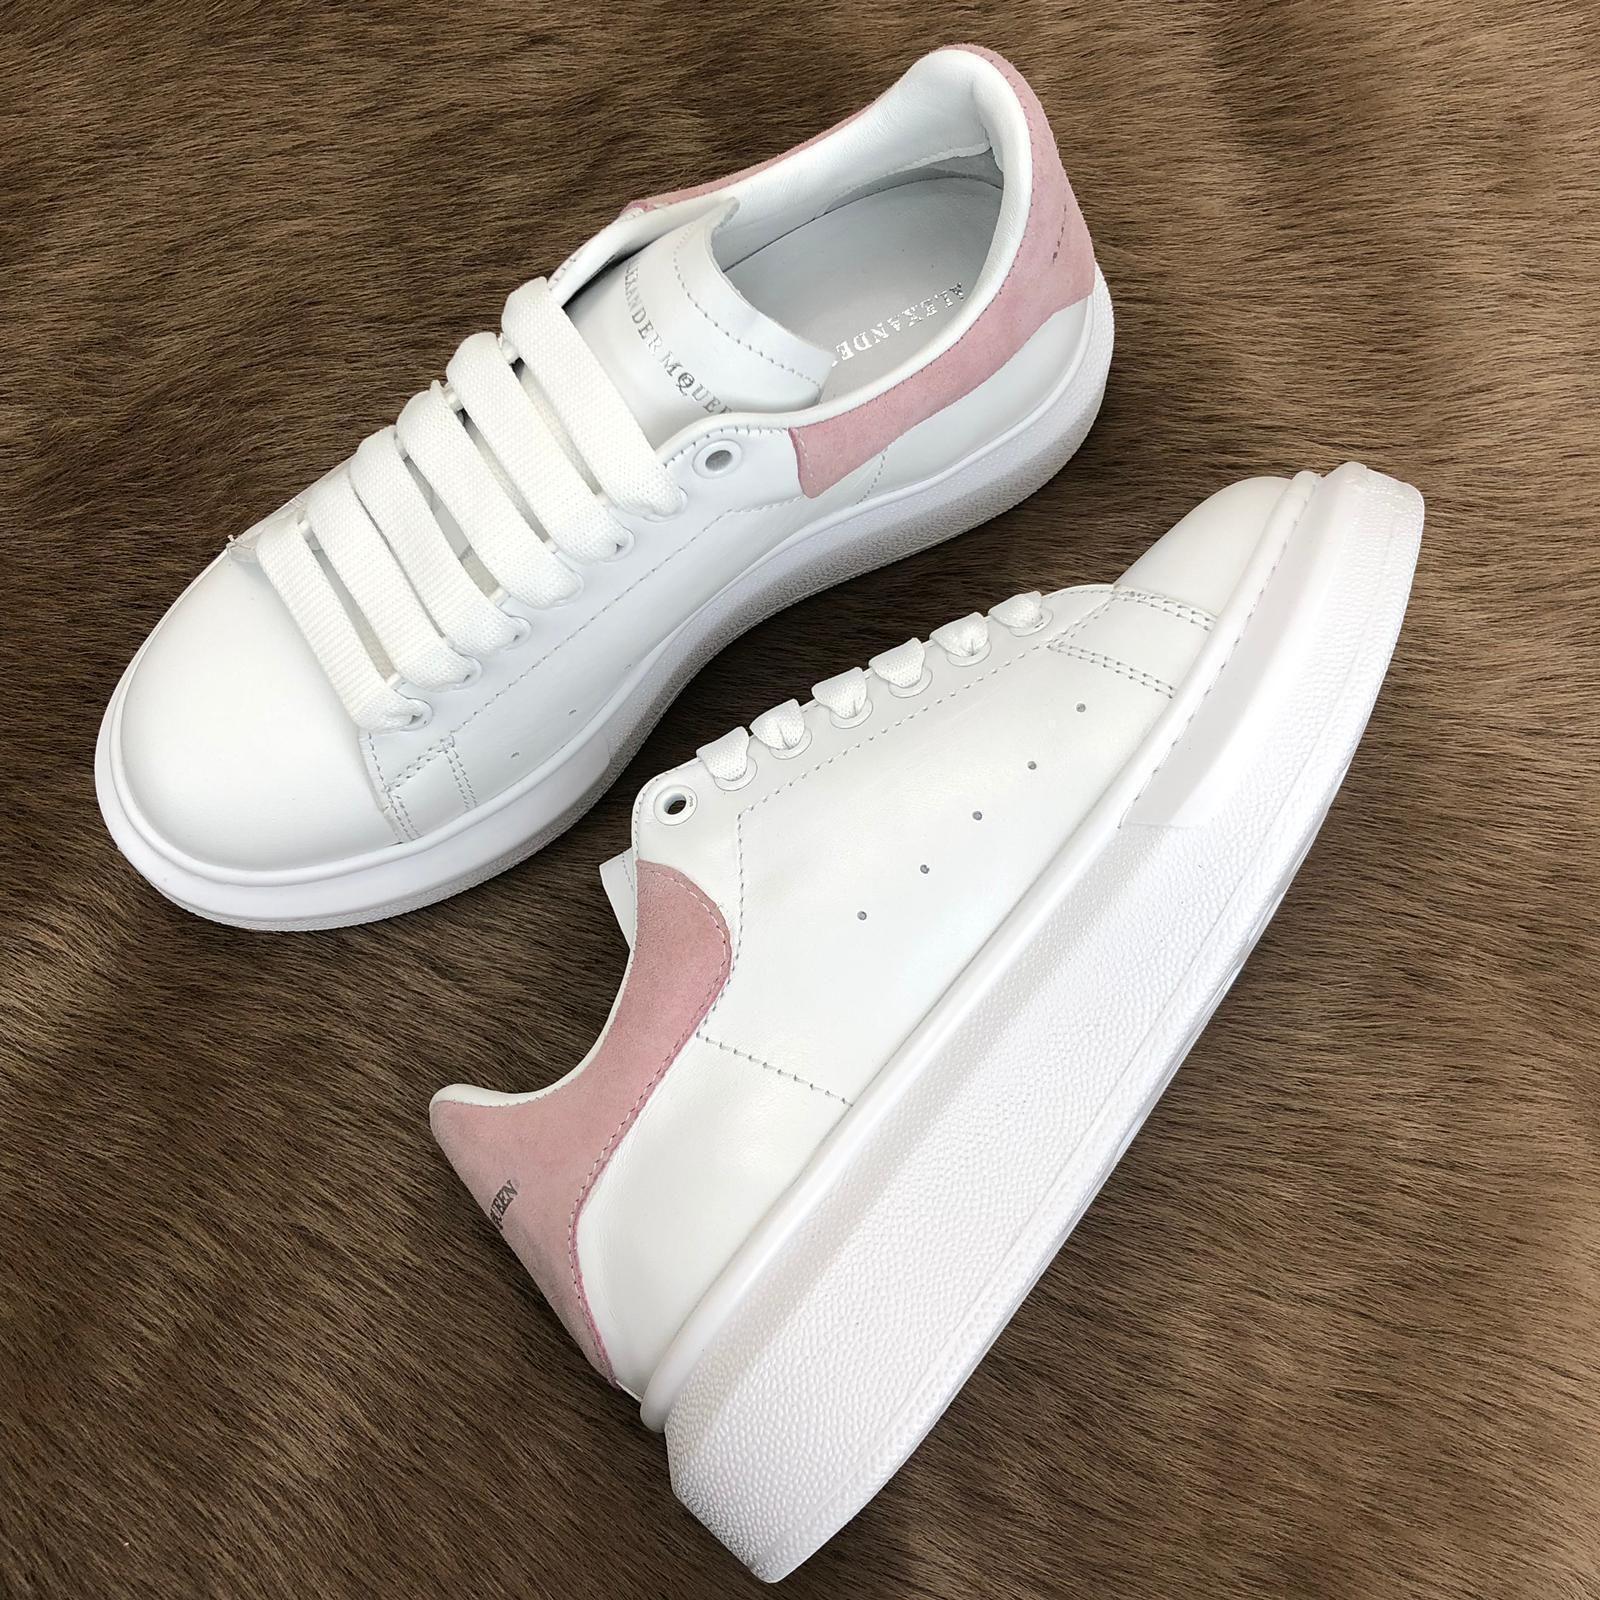 Alexander mcqueen sneakers pink